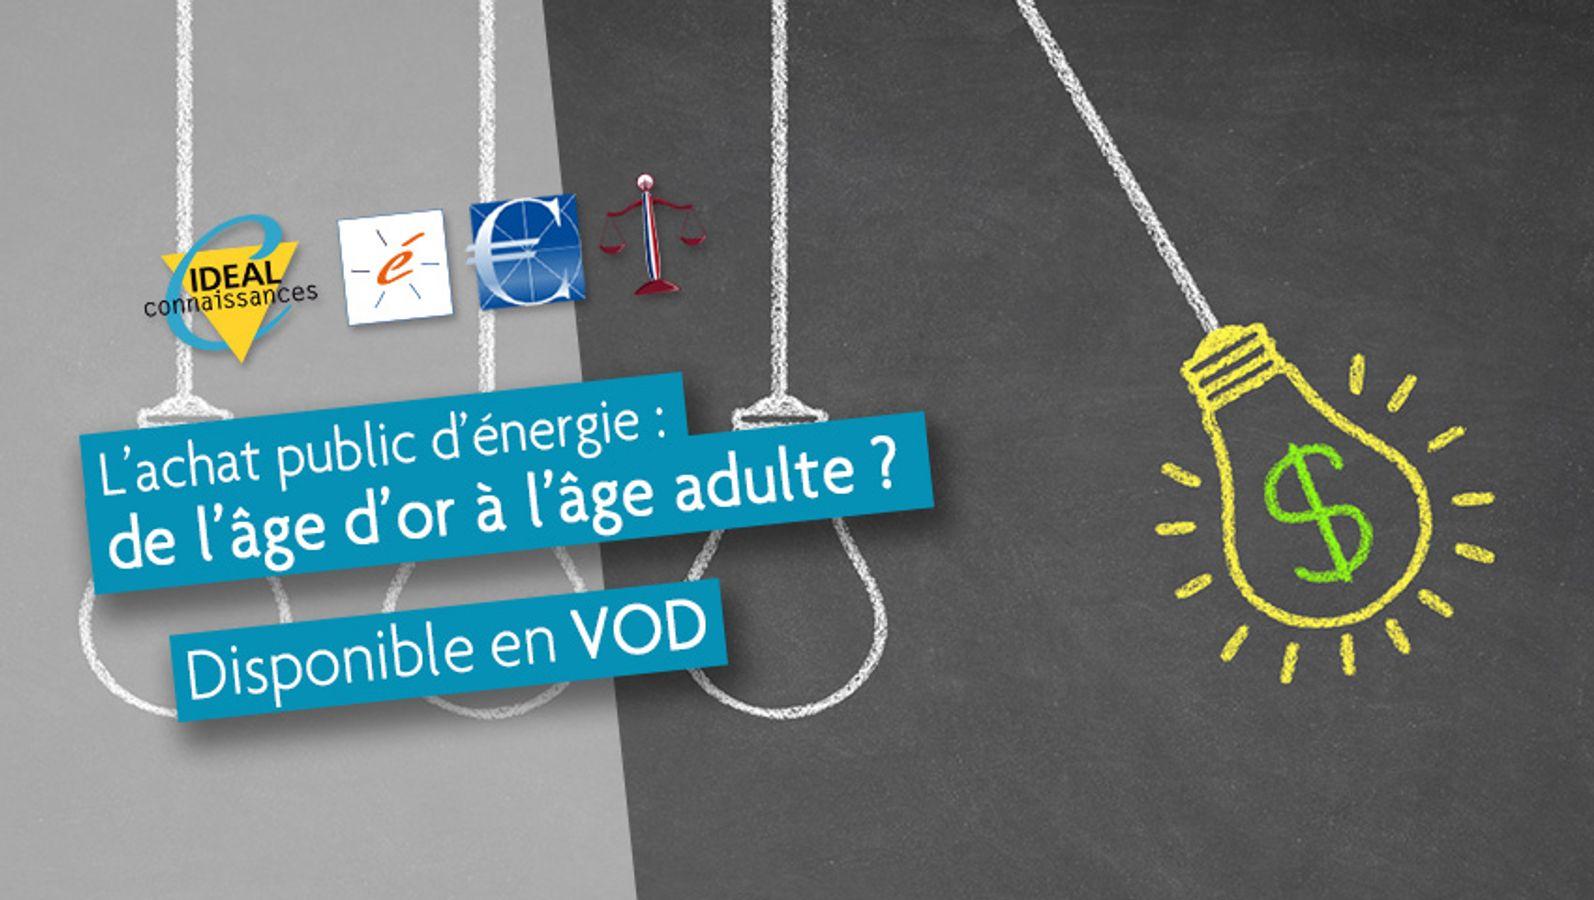 L'achat public d'énergie : de l'âge d'or à l'âge adulte ?